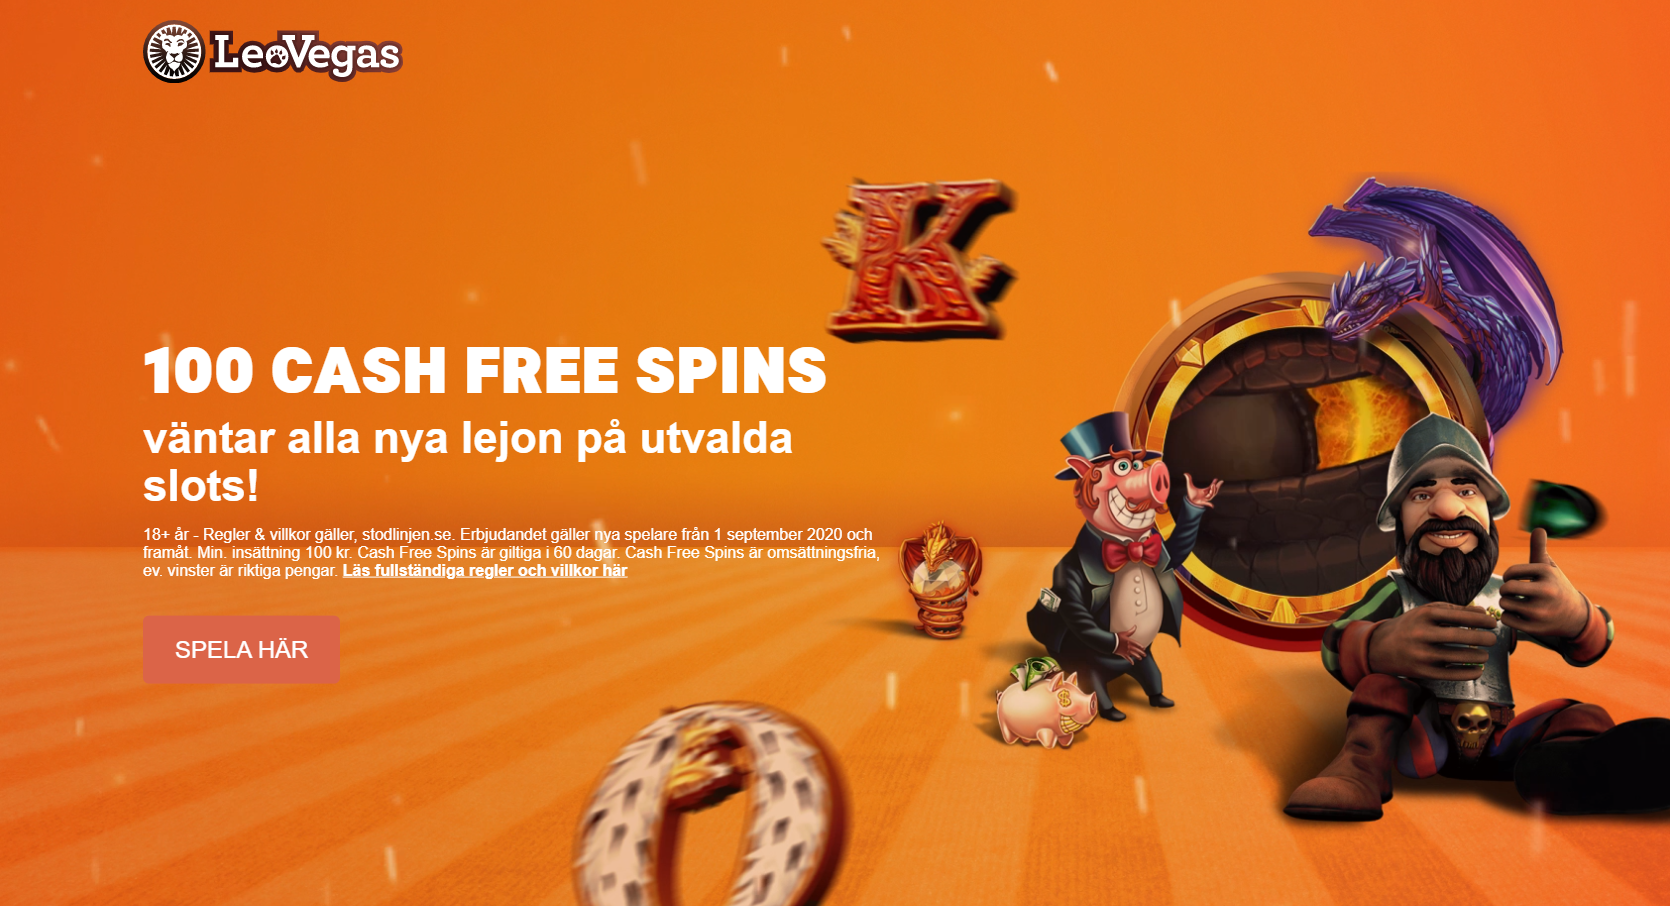 Leovegas casino - 100 cash free spins utan bonuskod i välkomstbonus